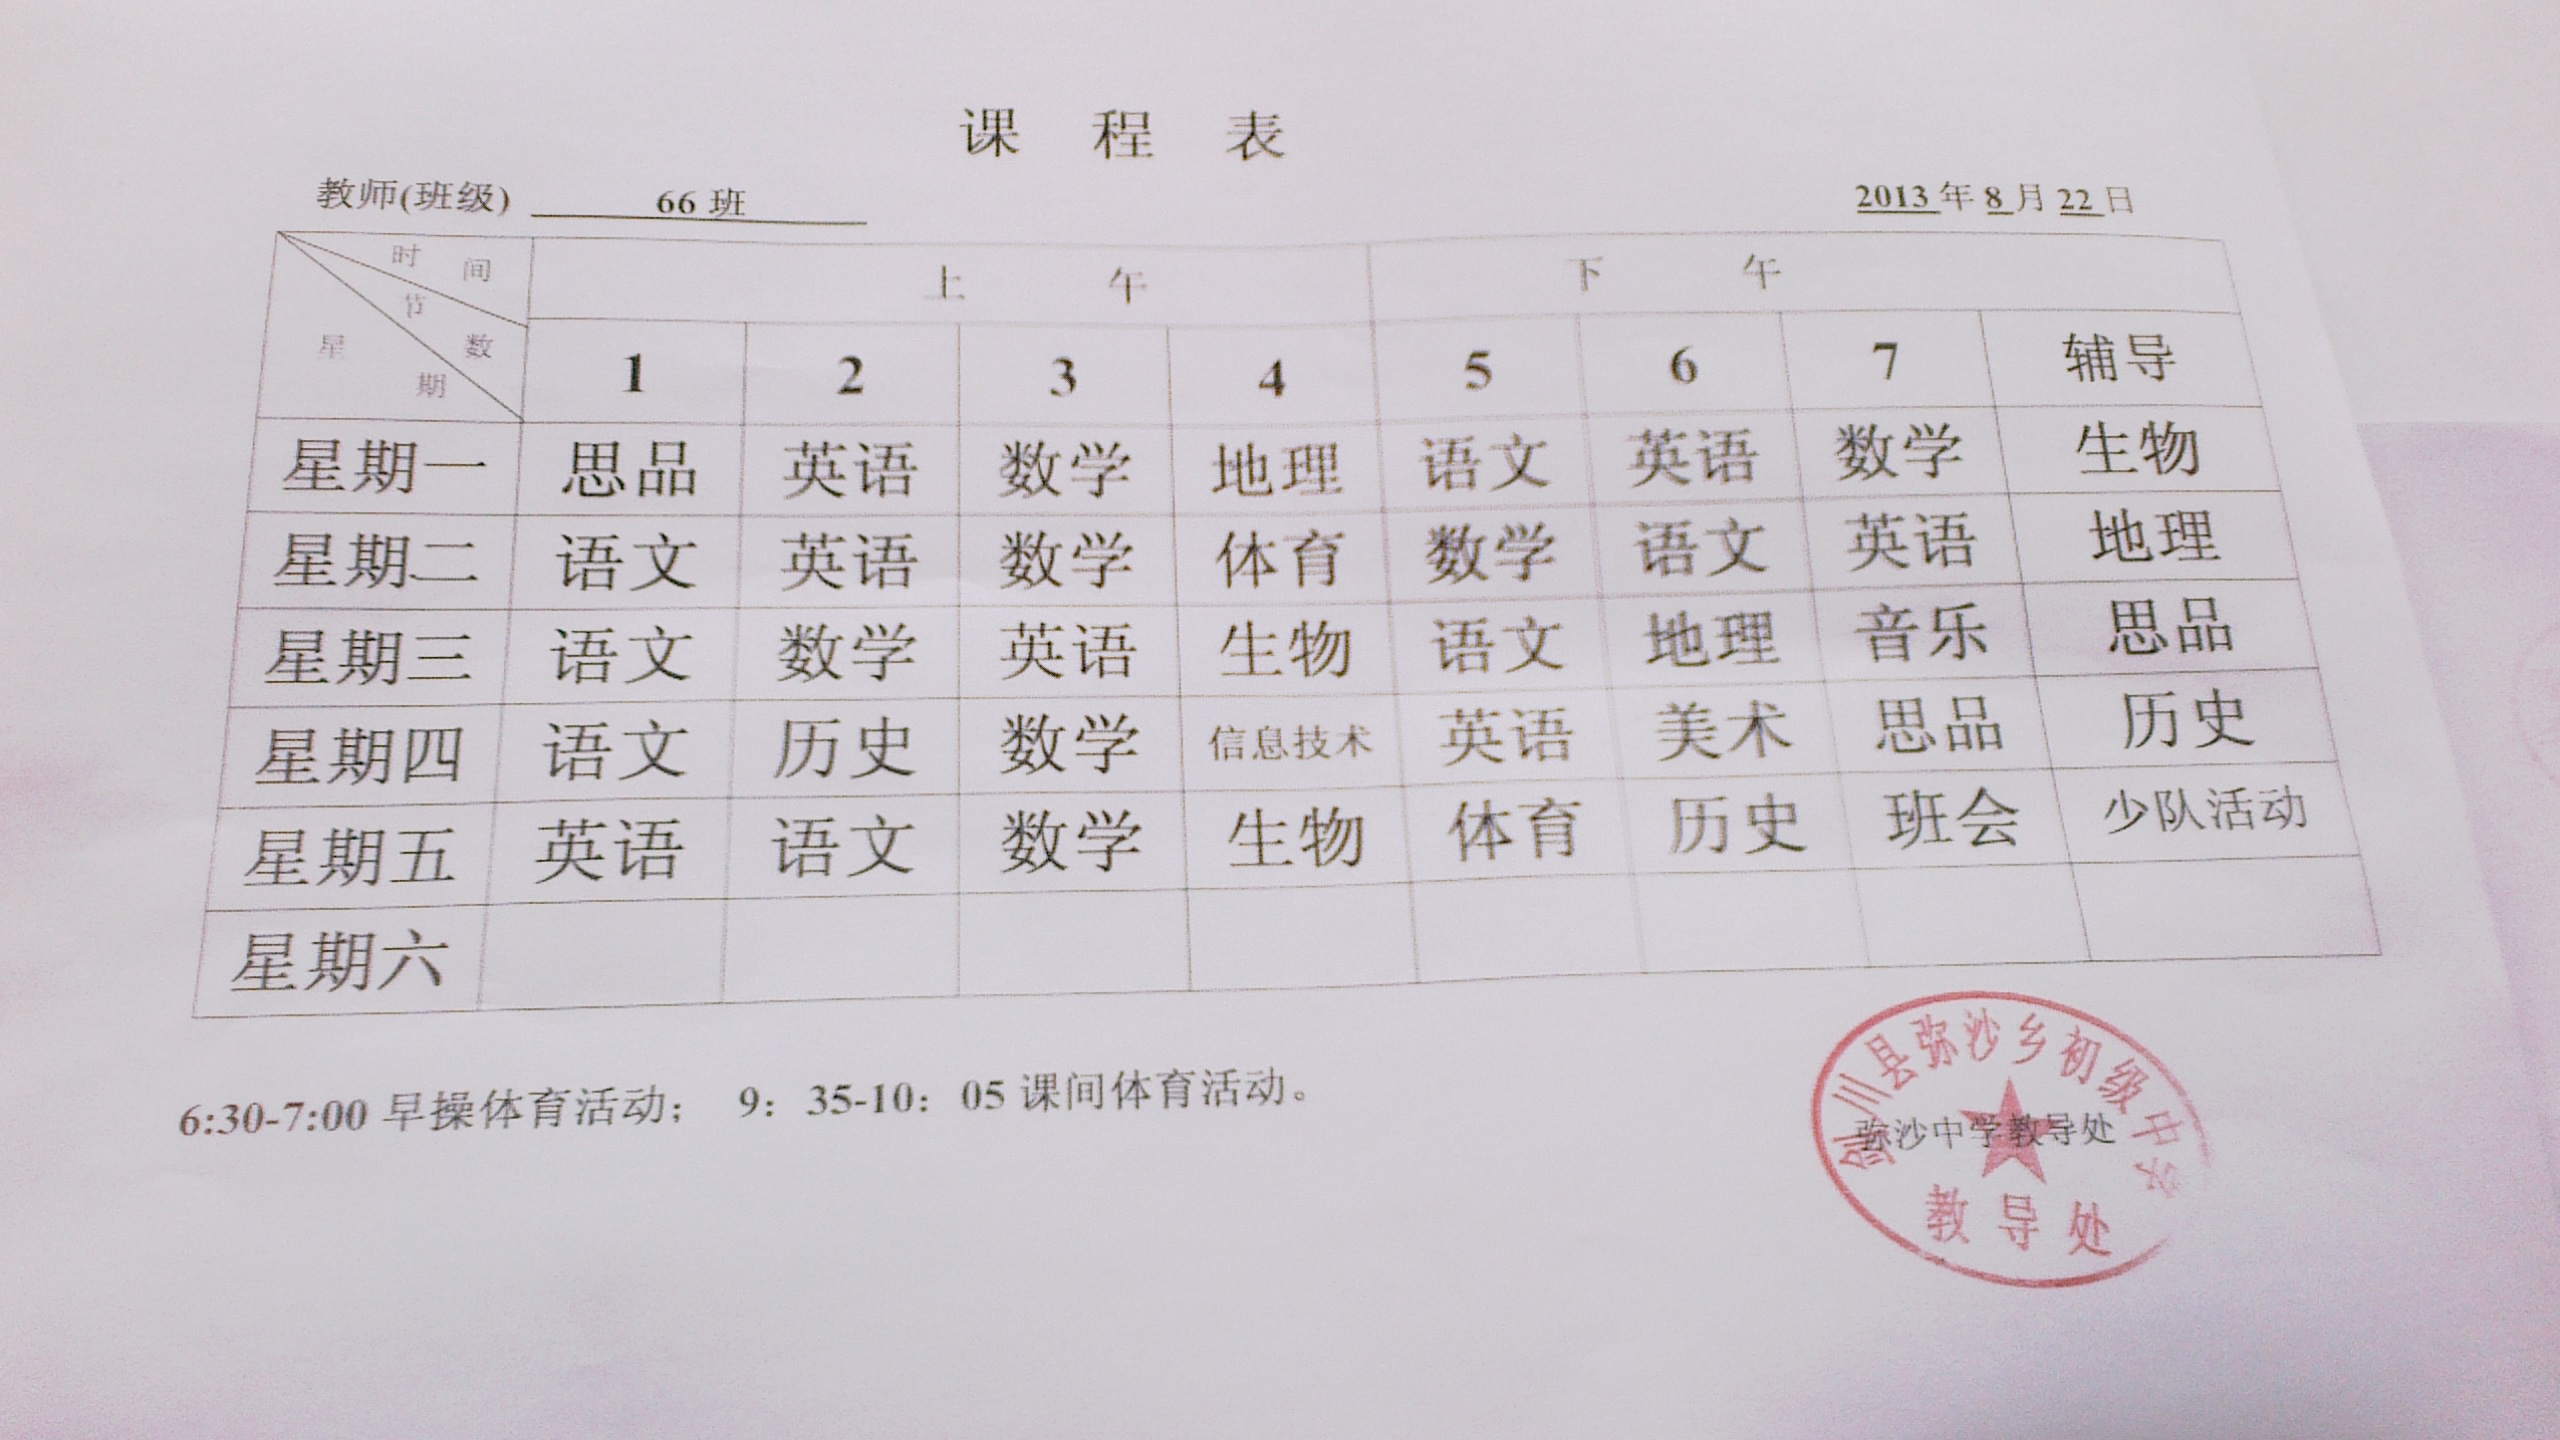 剑川县弥沙中学课程表 - 课表上传 - 活动 - 未来